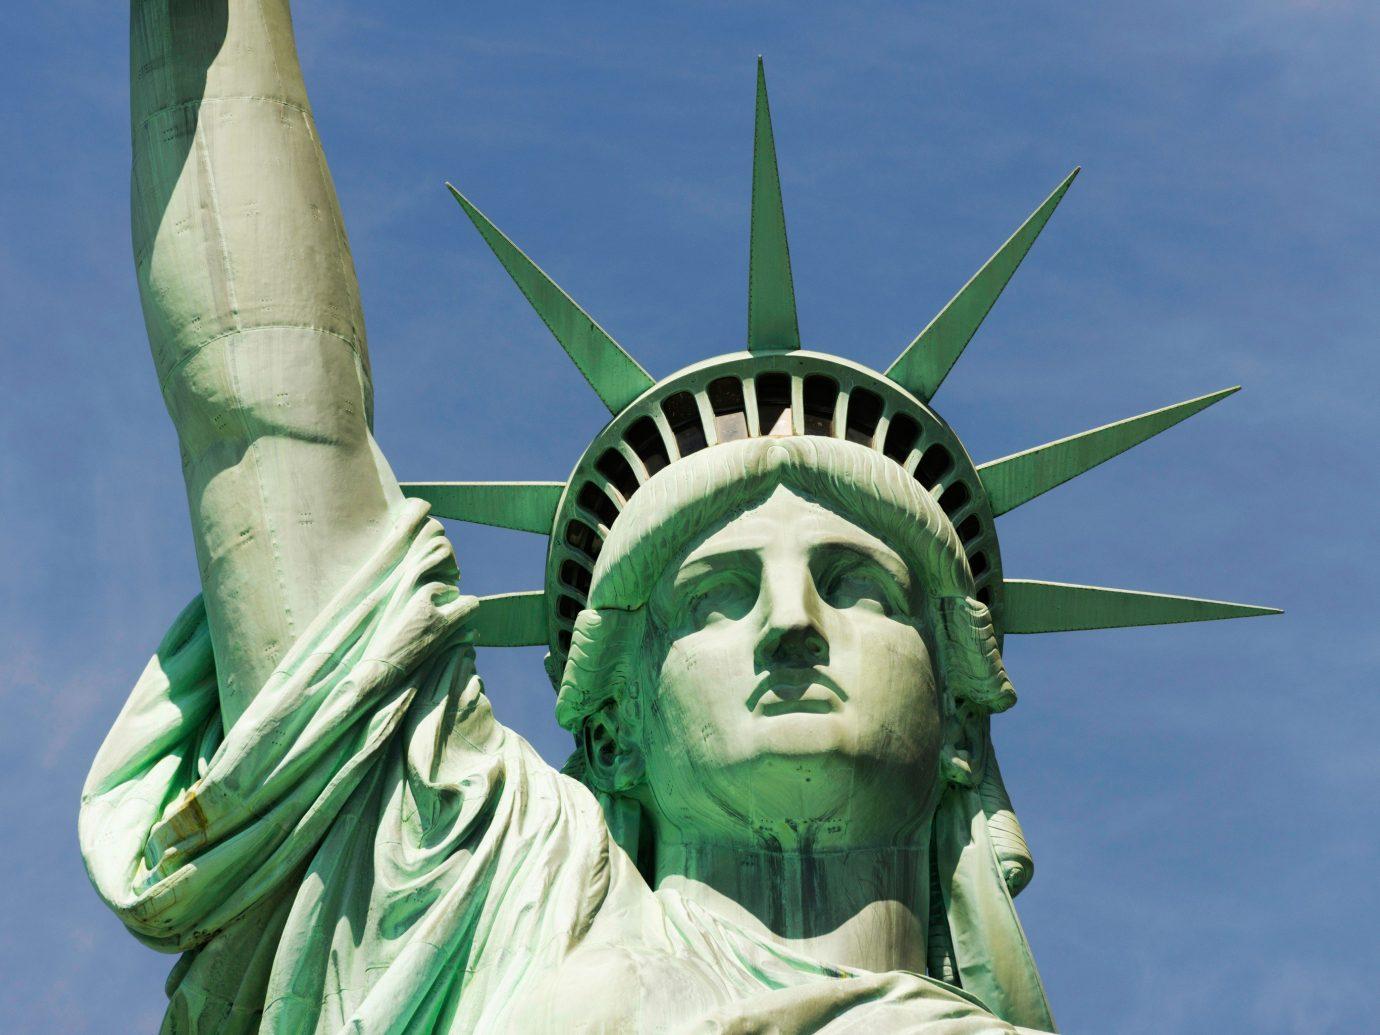 Offbeat statue green sculpture monument art